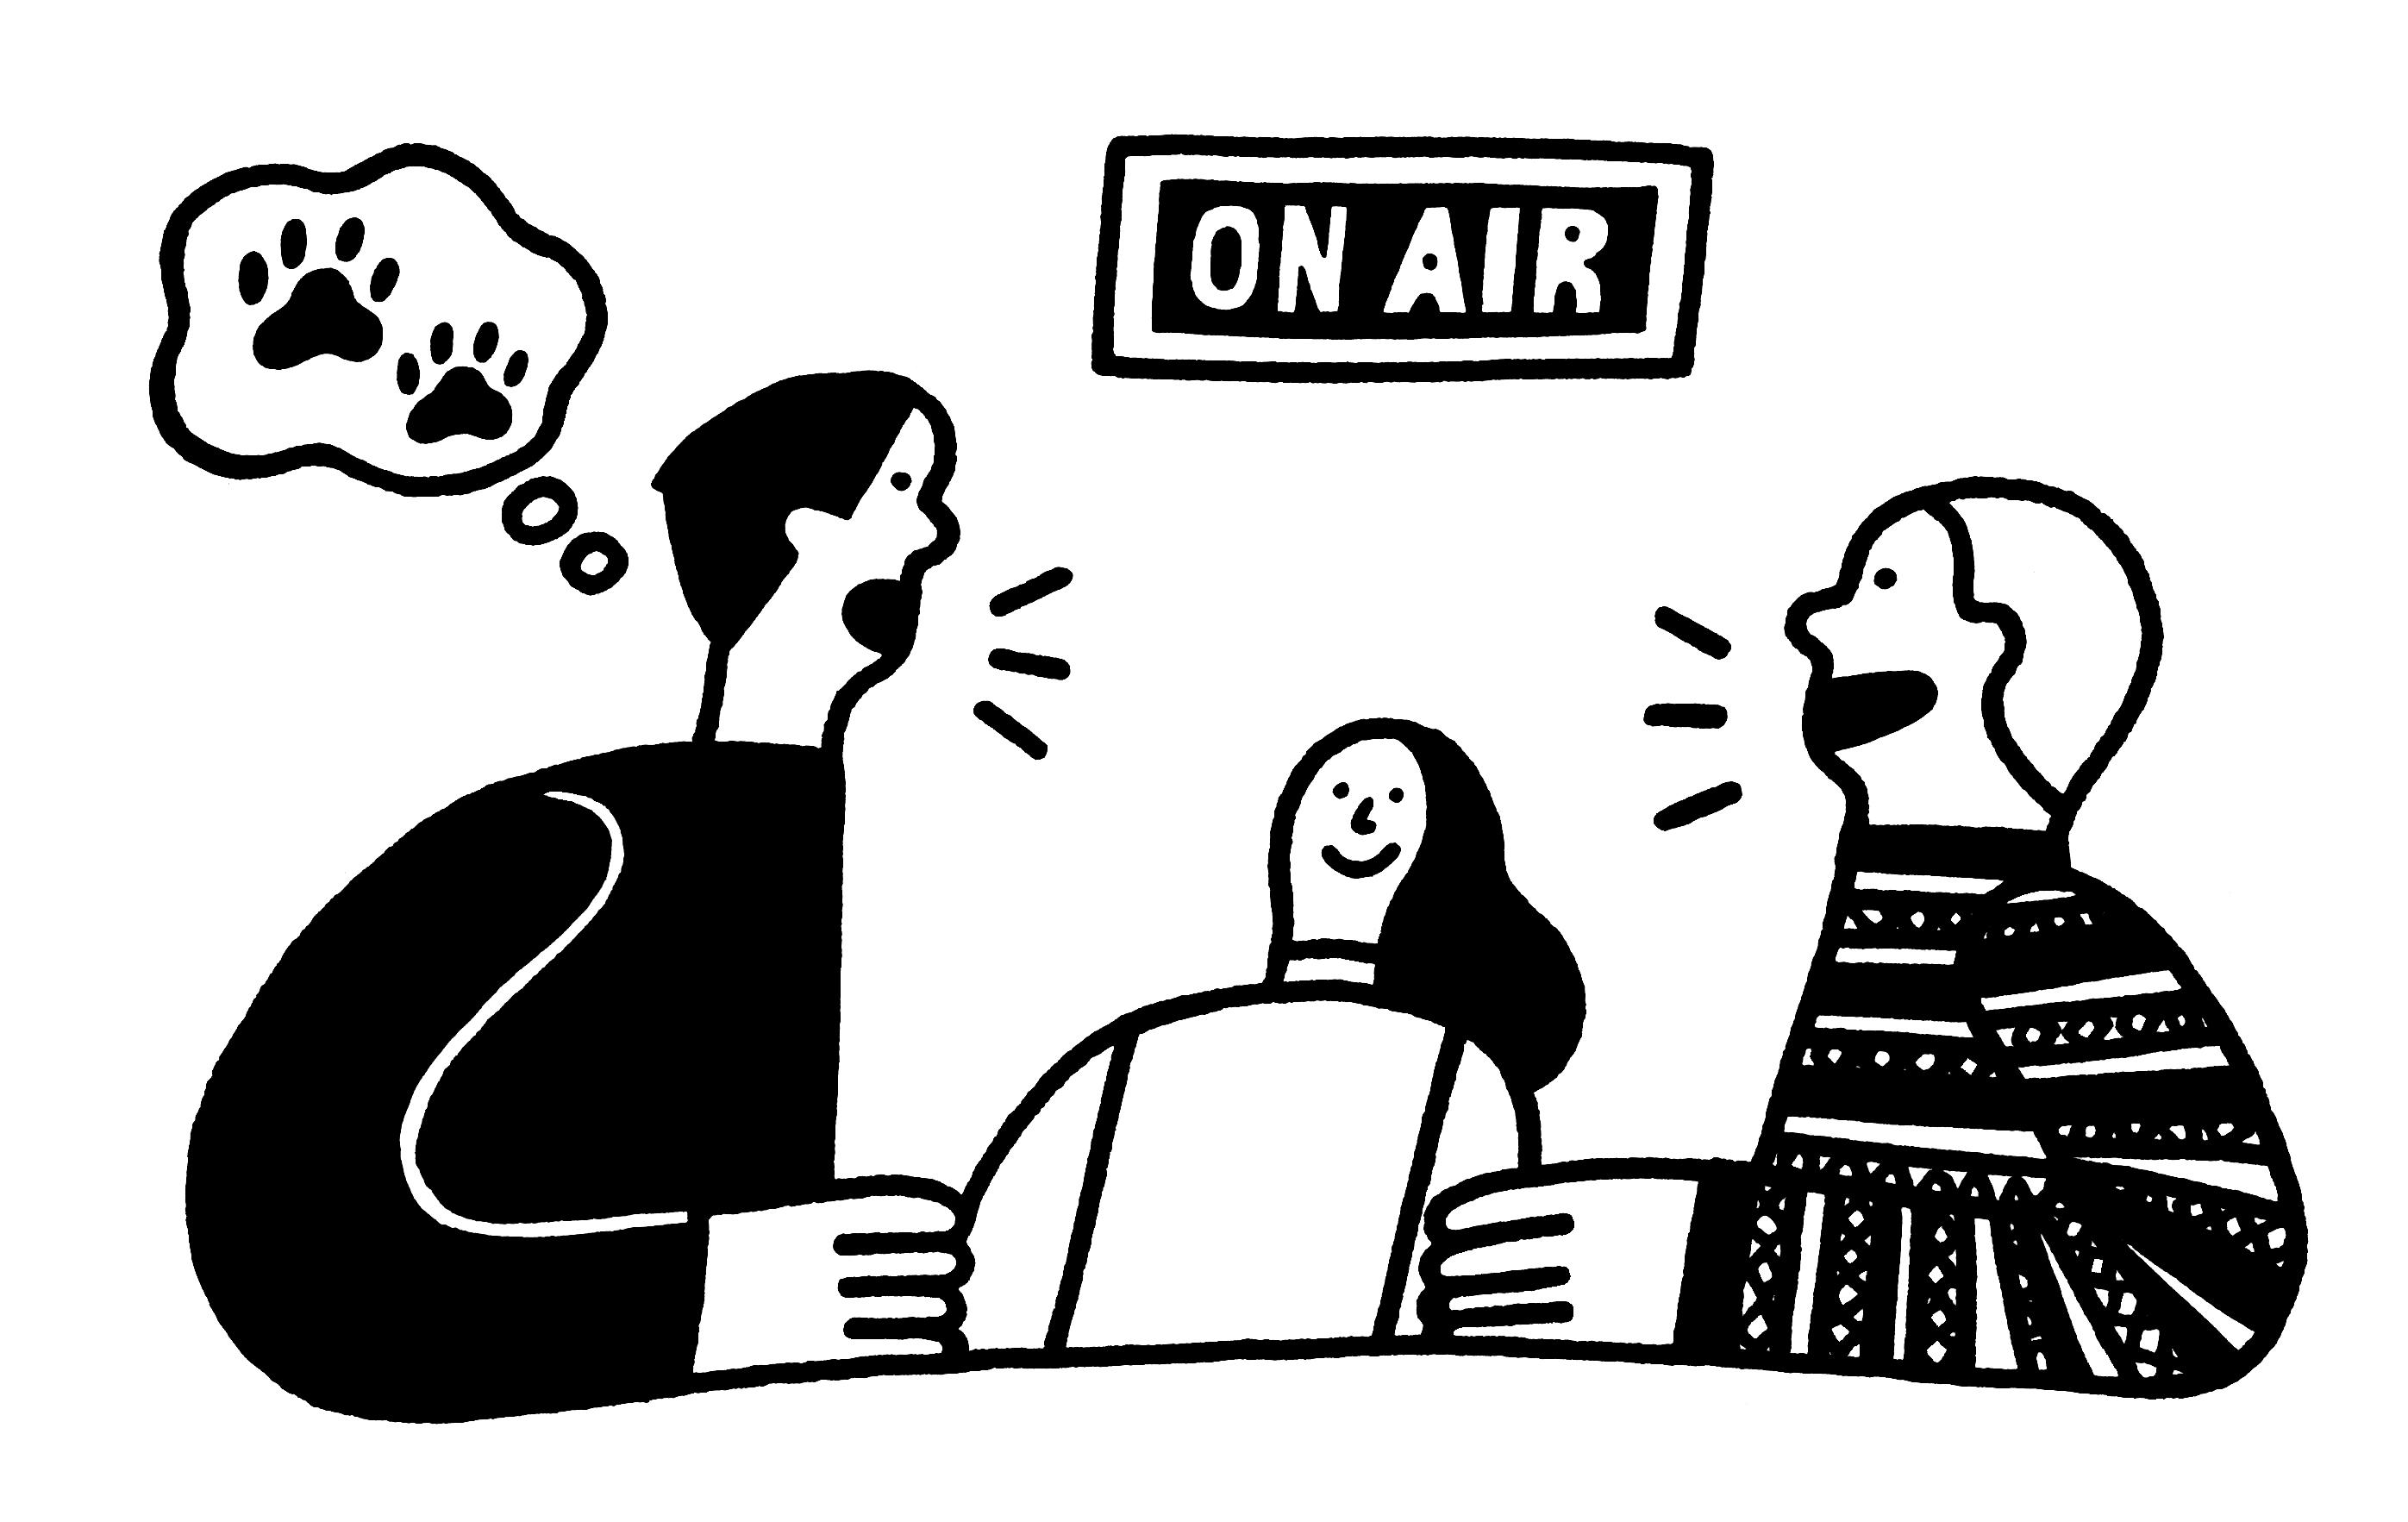 ハライチという「となりの」スター【連載エッセイ「TBSラジオ、まずはこれから」】